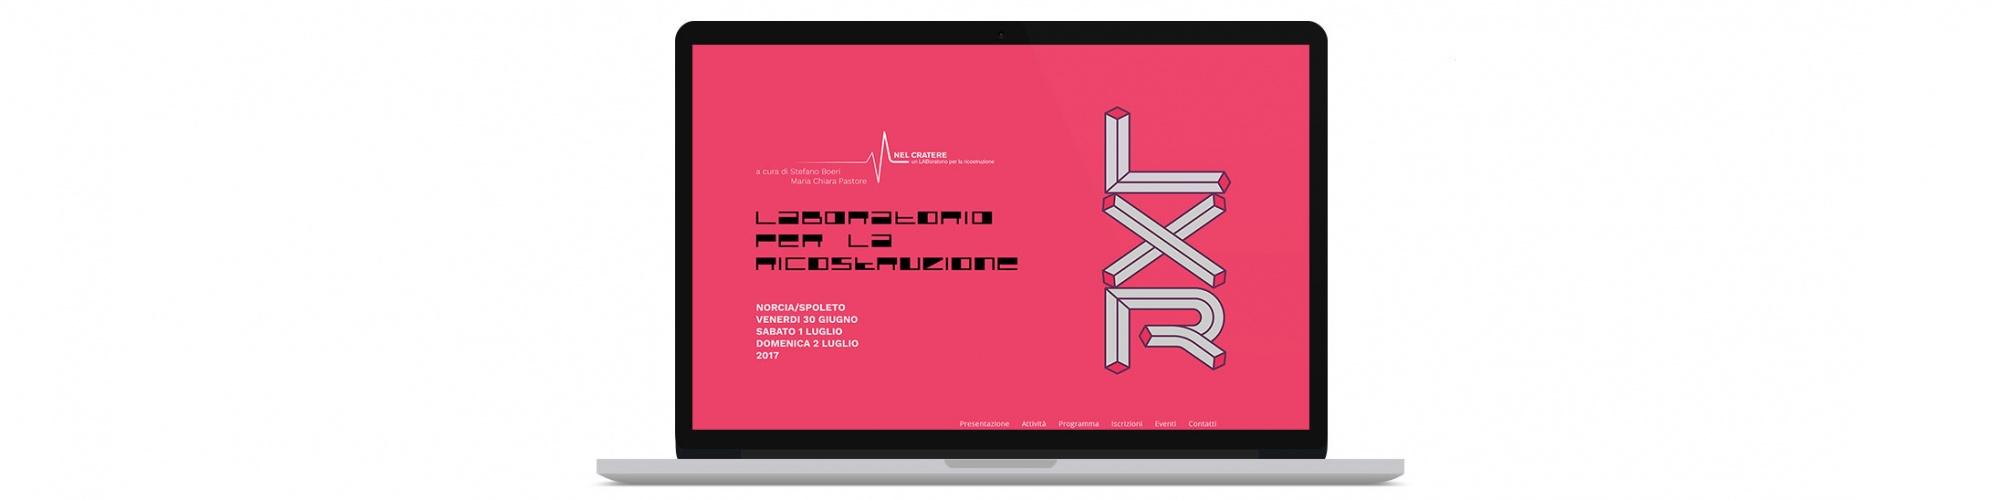 Sesinet Portfolio | Sito web per il laboratorio della ricostruzione di Norcia